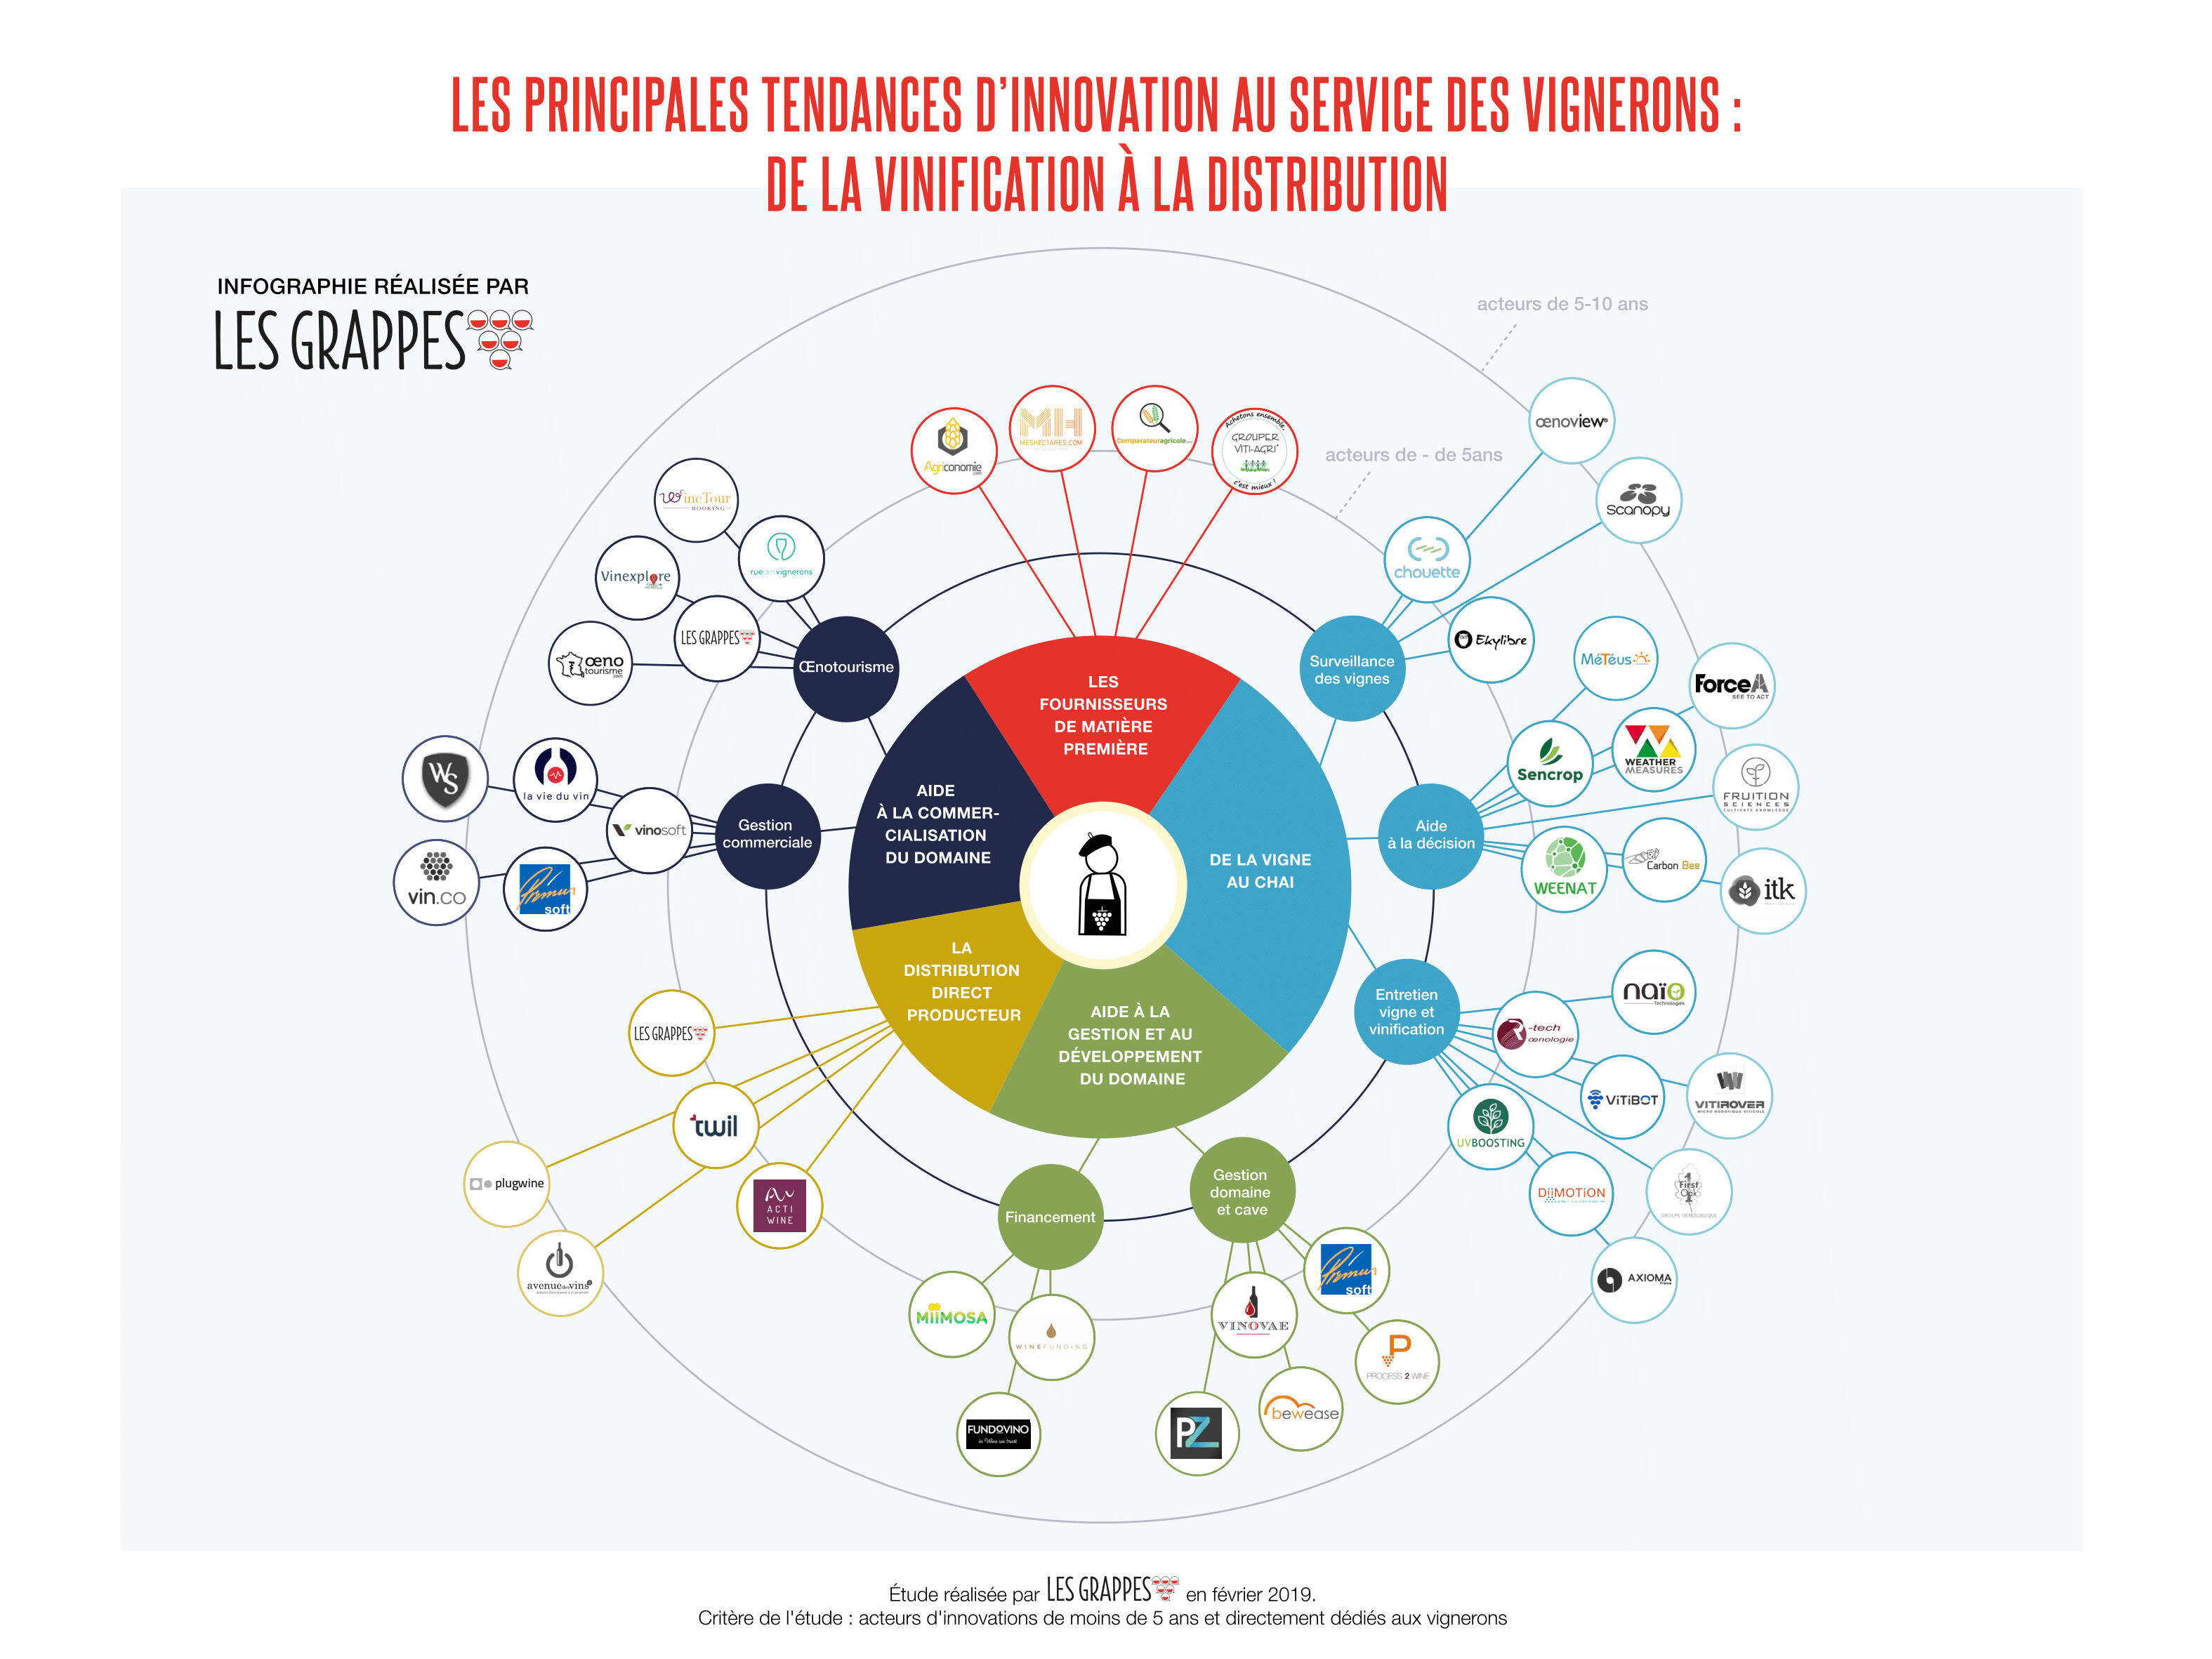 Principales tendances d'innovation au service des vignerons : de la vinification à la distribution